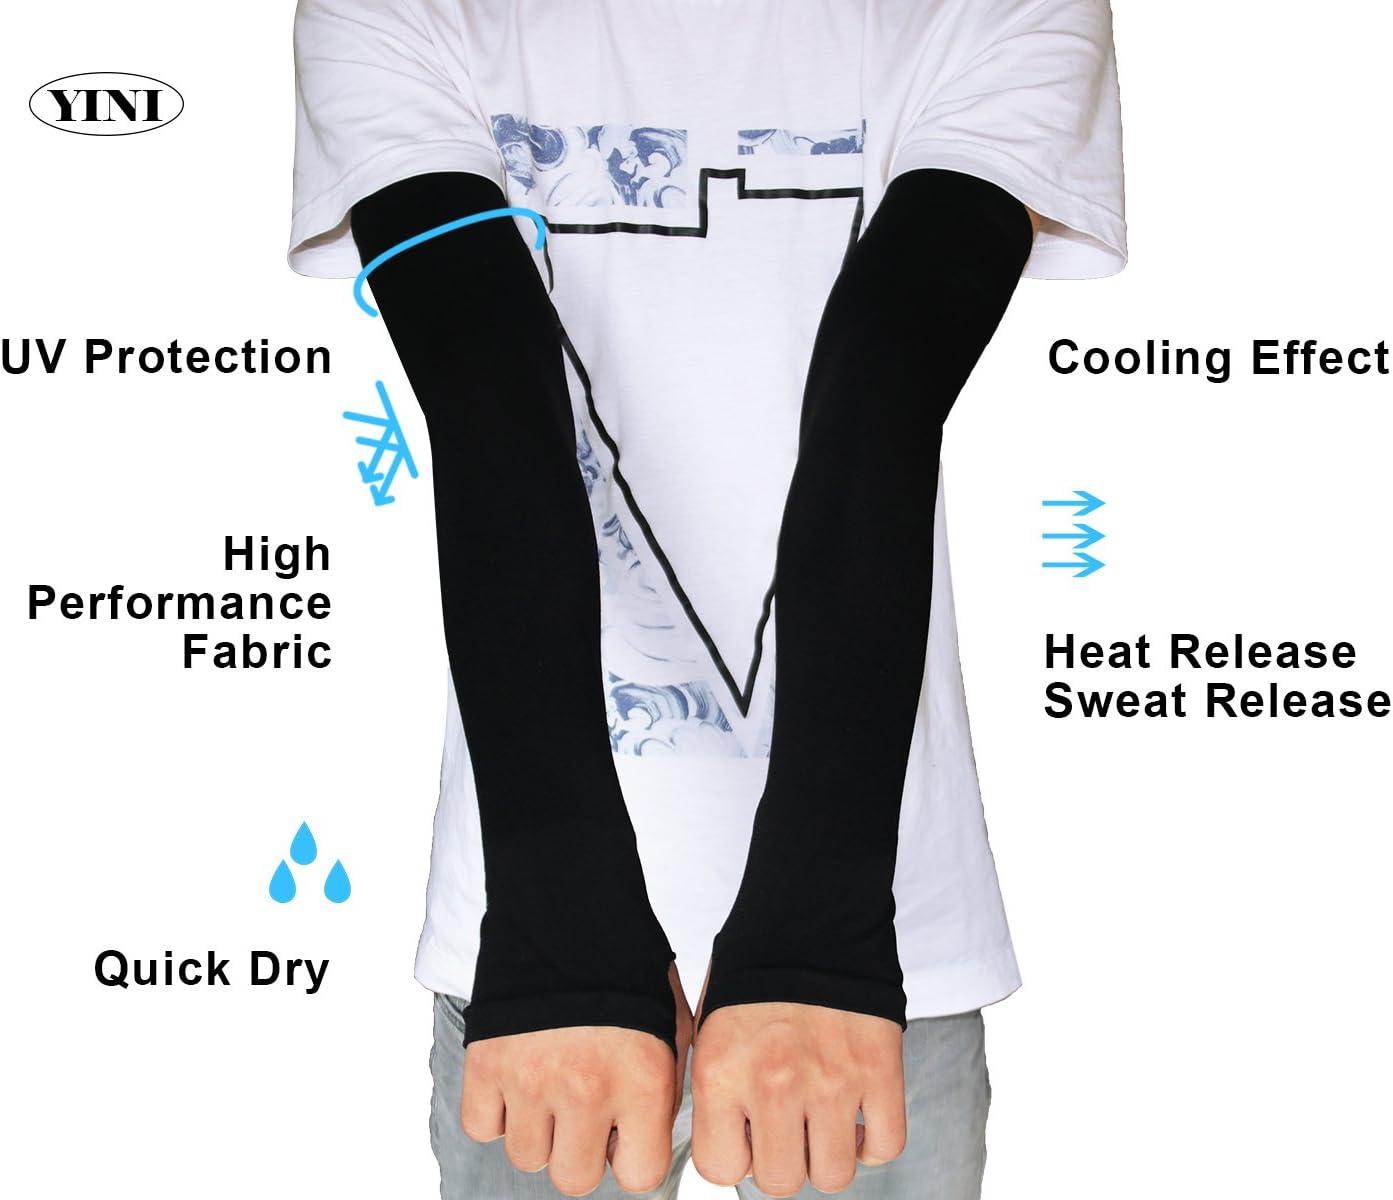 YINI Manches de bras de protection solaire anti-UV manches de bras multicolores de refroidissement pour la p/êche de football Activit/és de plein air de cyclisme pour unisexe avec trou de pouce